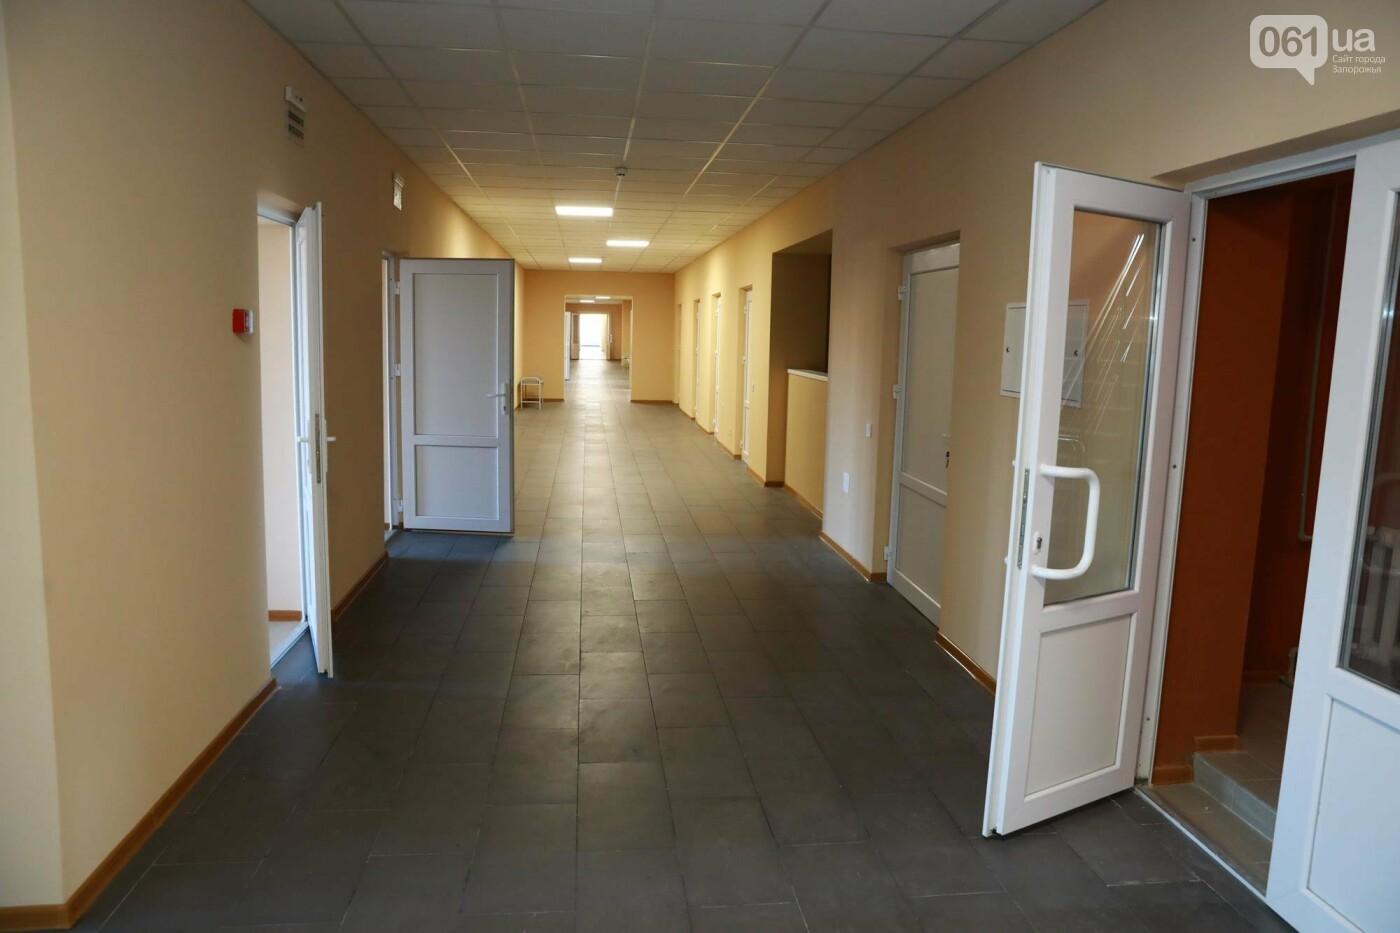 В Запорожской области за 2 миллиона евро отремонтировали больницу, - ФОТО, фото-7